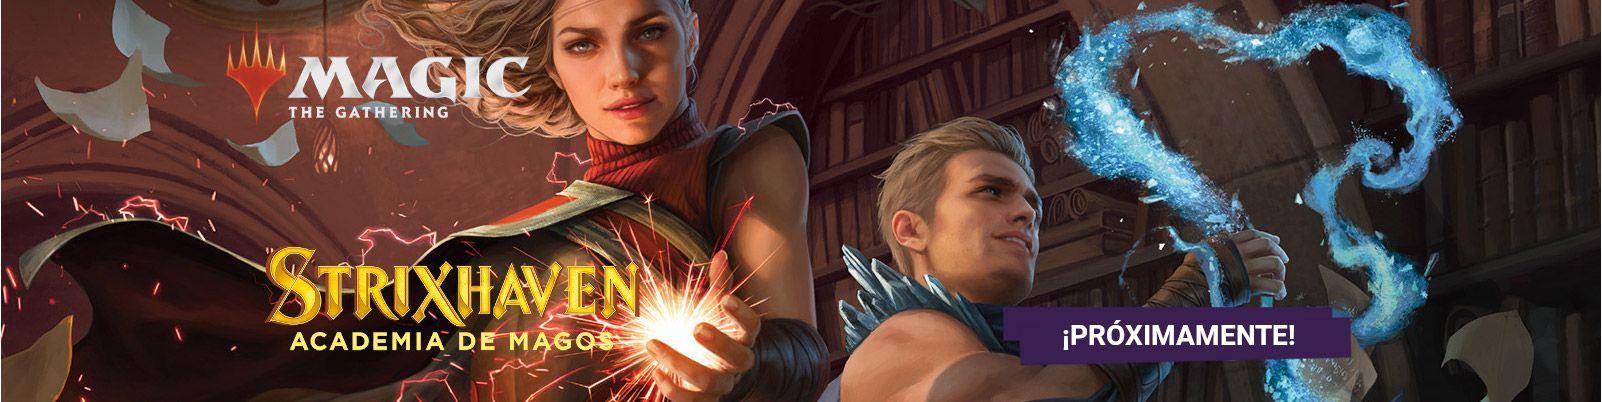 Magic The Gathering Strixhaven Academia de Magos